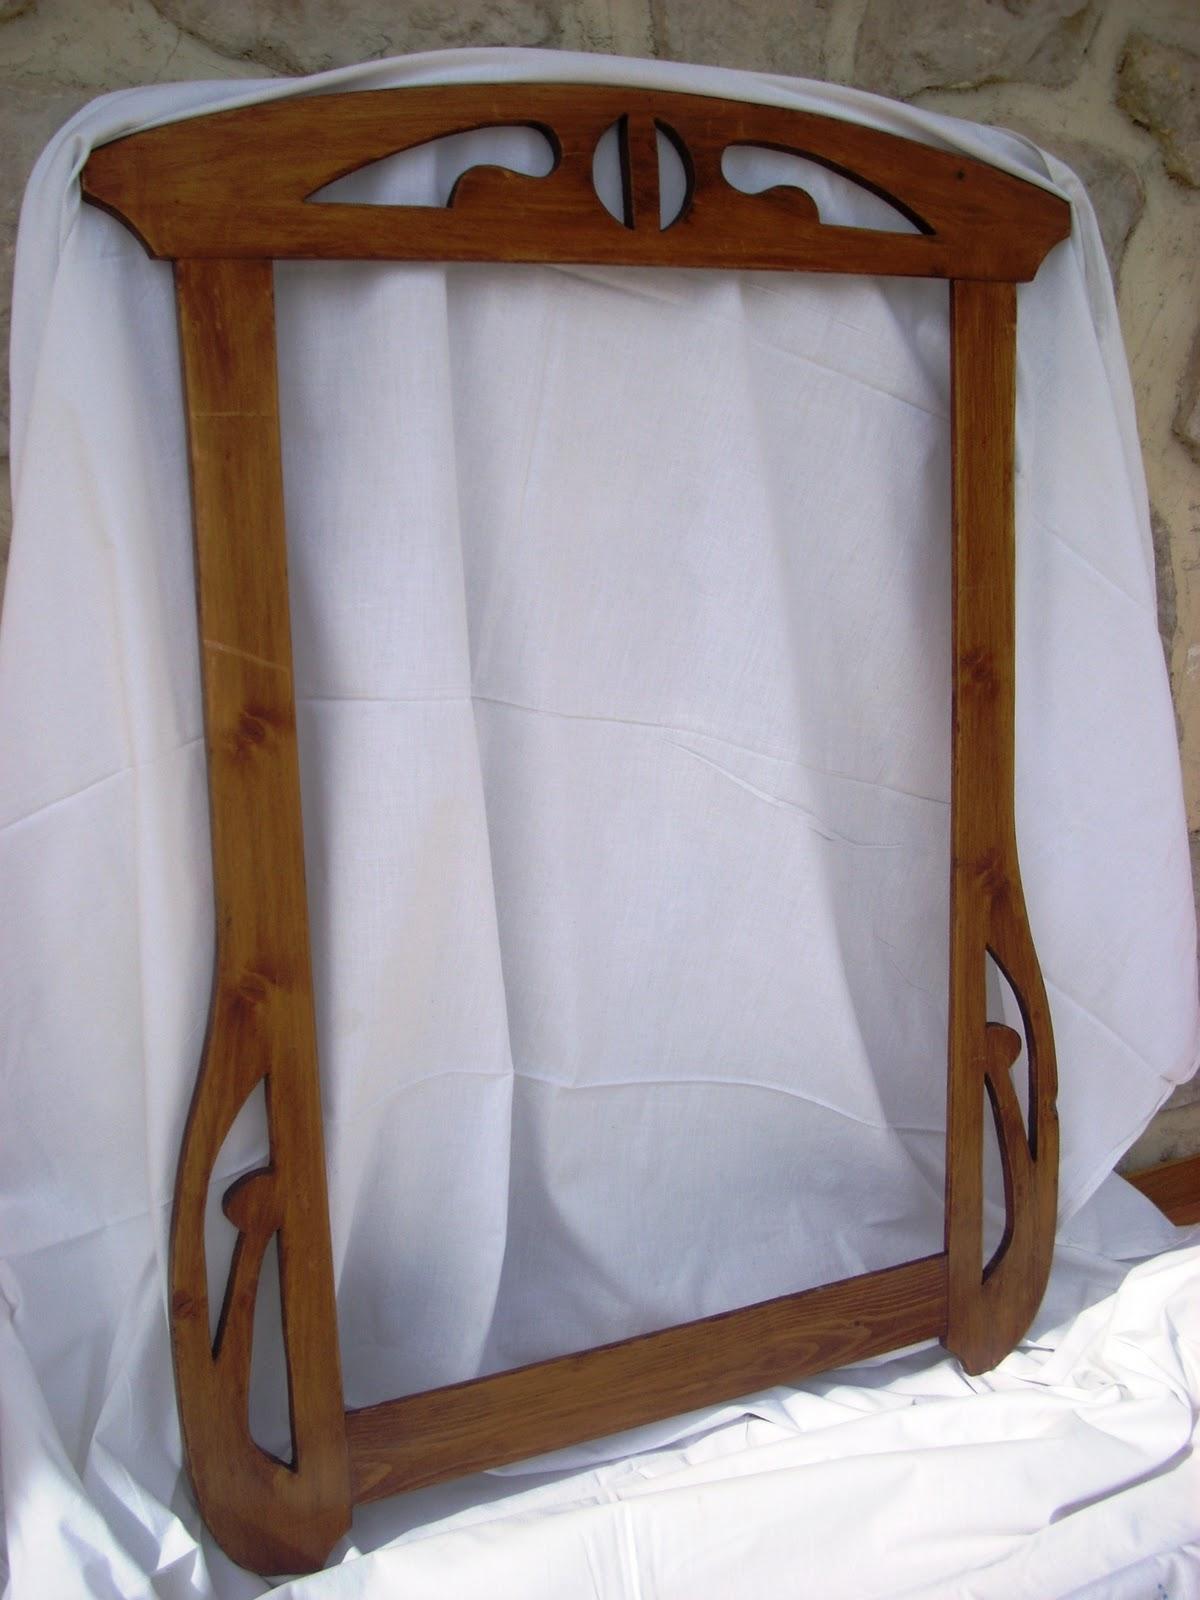 Artesan a con madera marcos y cuadros for Disenos de marcos para espejos grandes